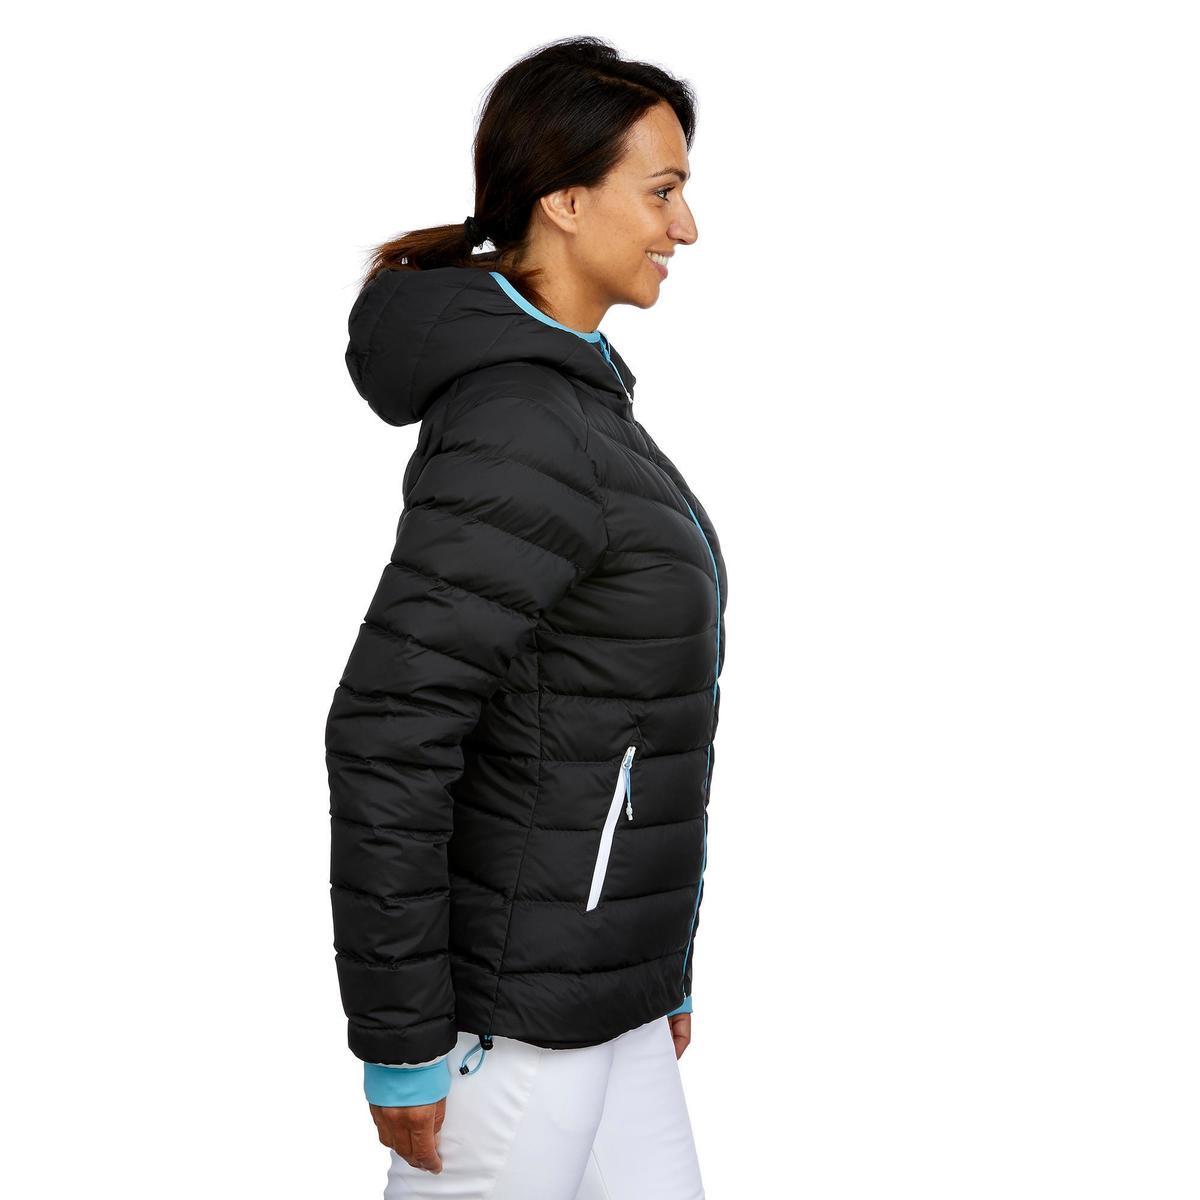 Bild 4 von Skijacke Daunen 500 Warm Damen grau